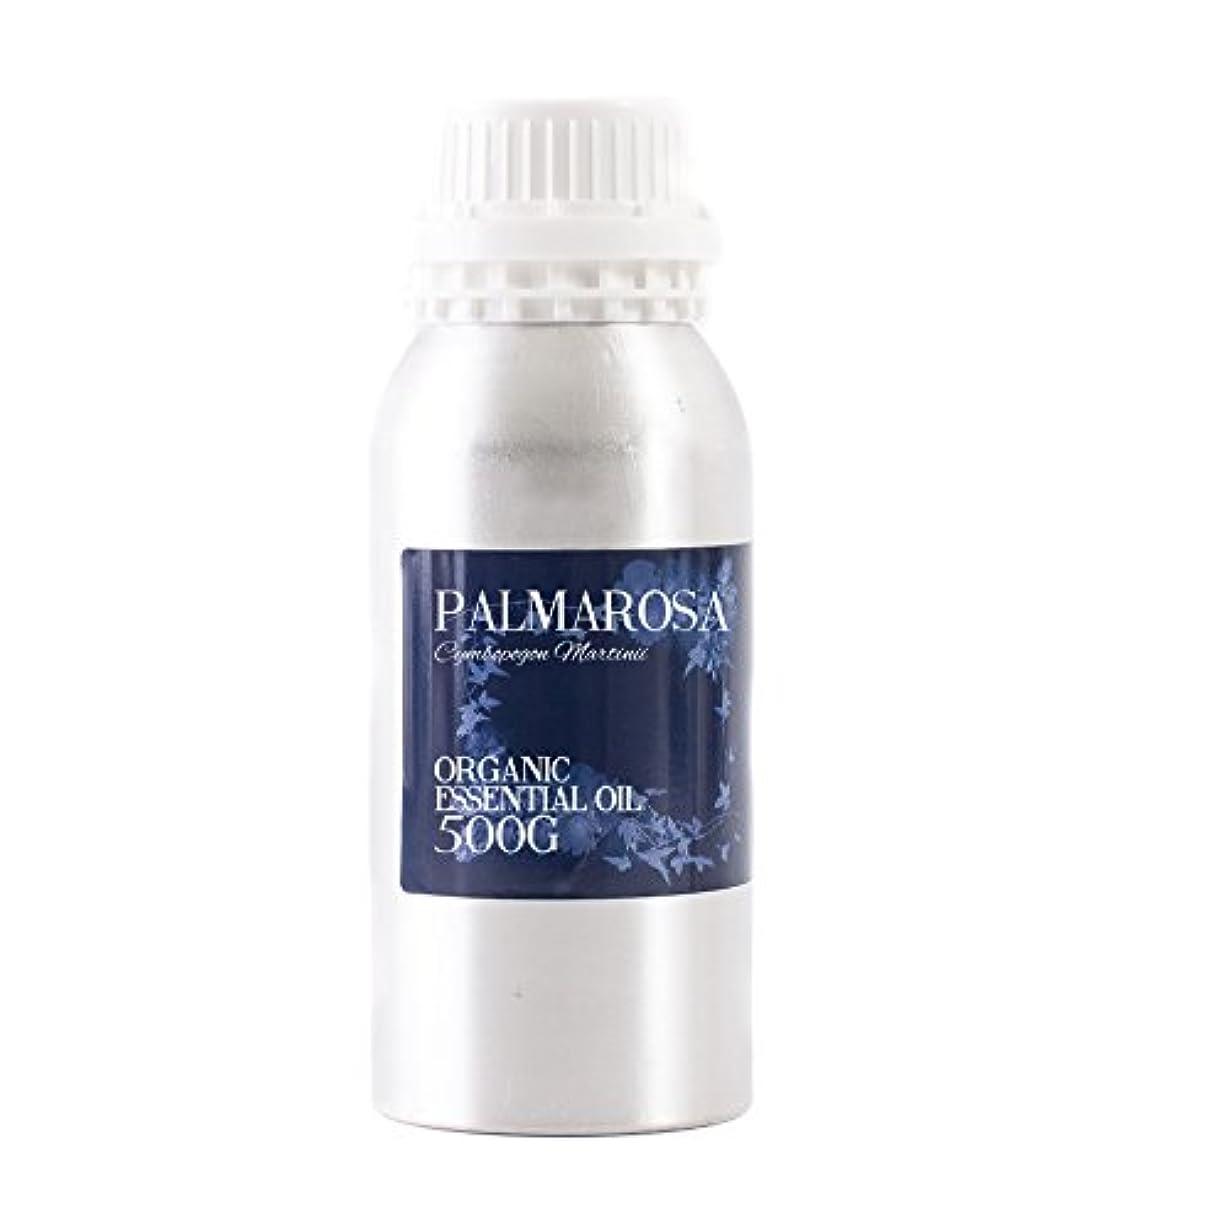 落ち着いた同一の通りMystic Moments | Palmarosa Organic Essential Oil - 500g - 100% Pure